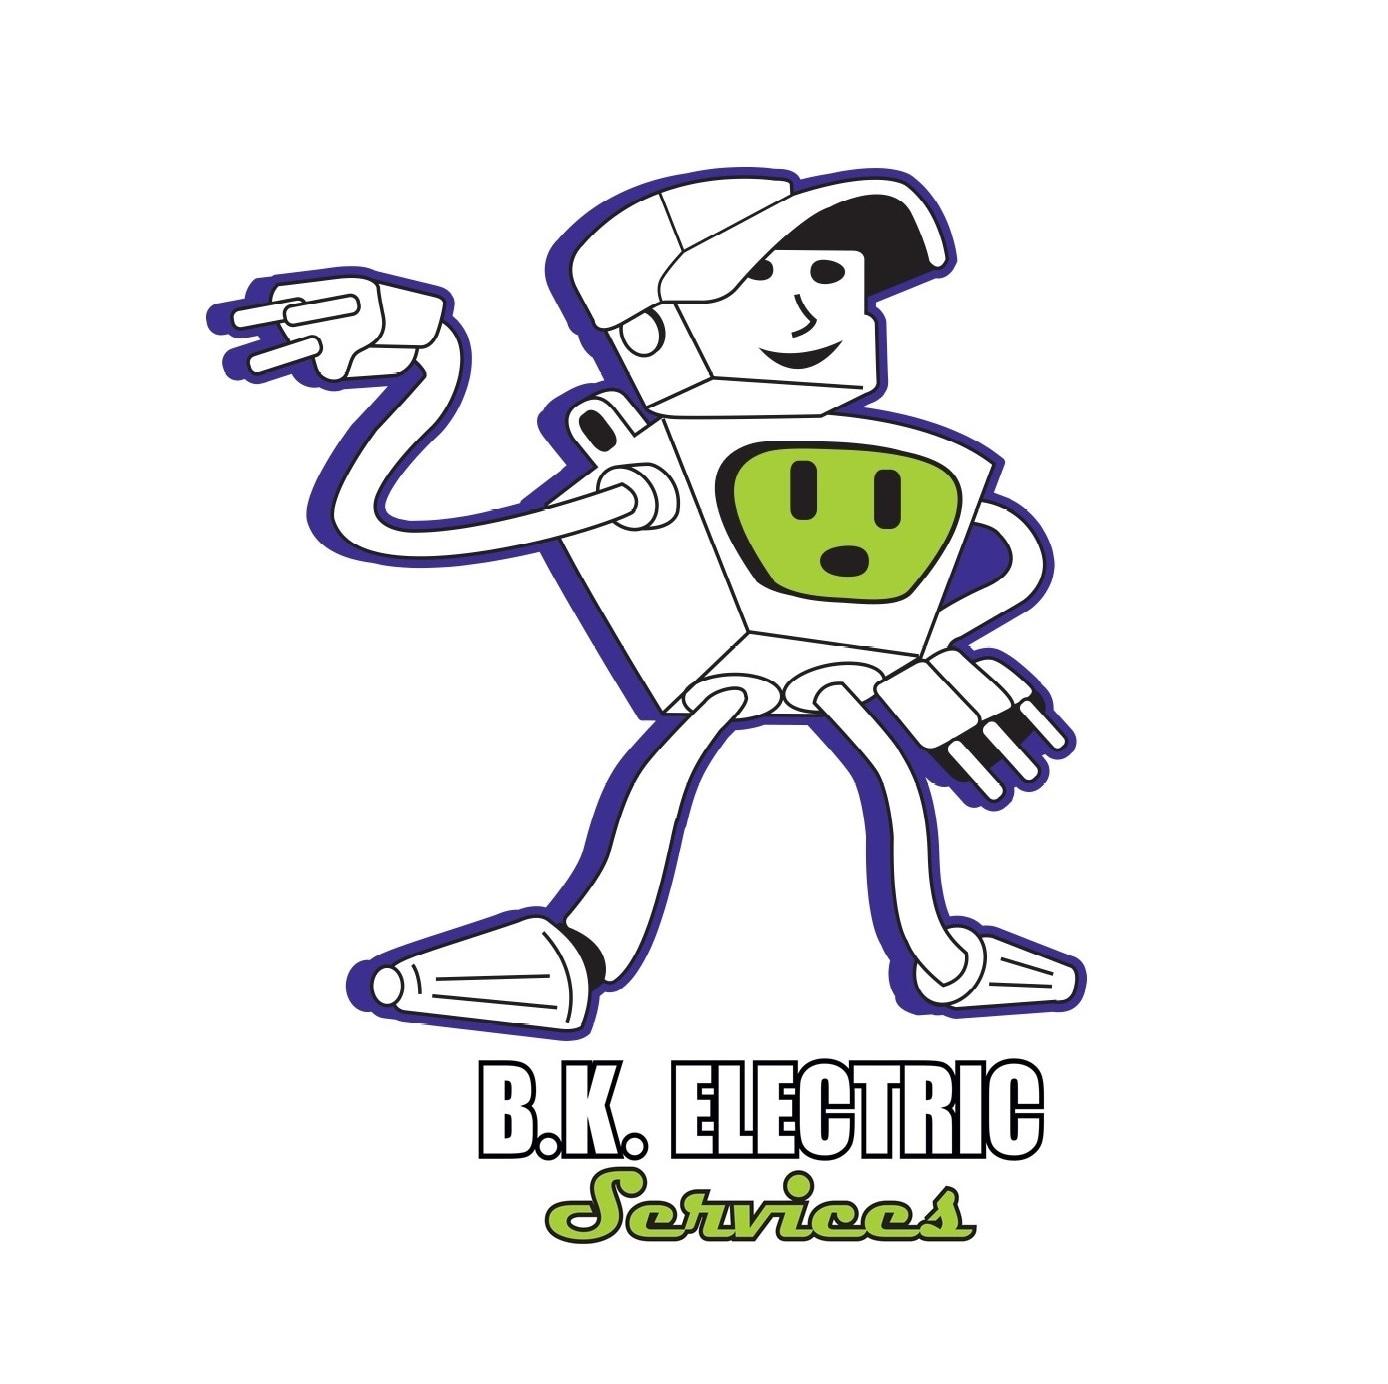 B.K. Electric Services logo